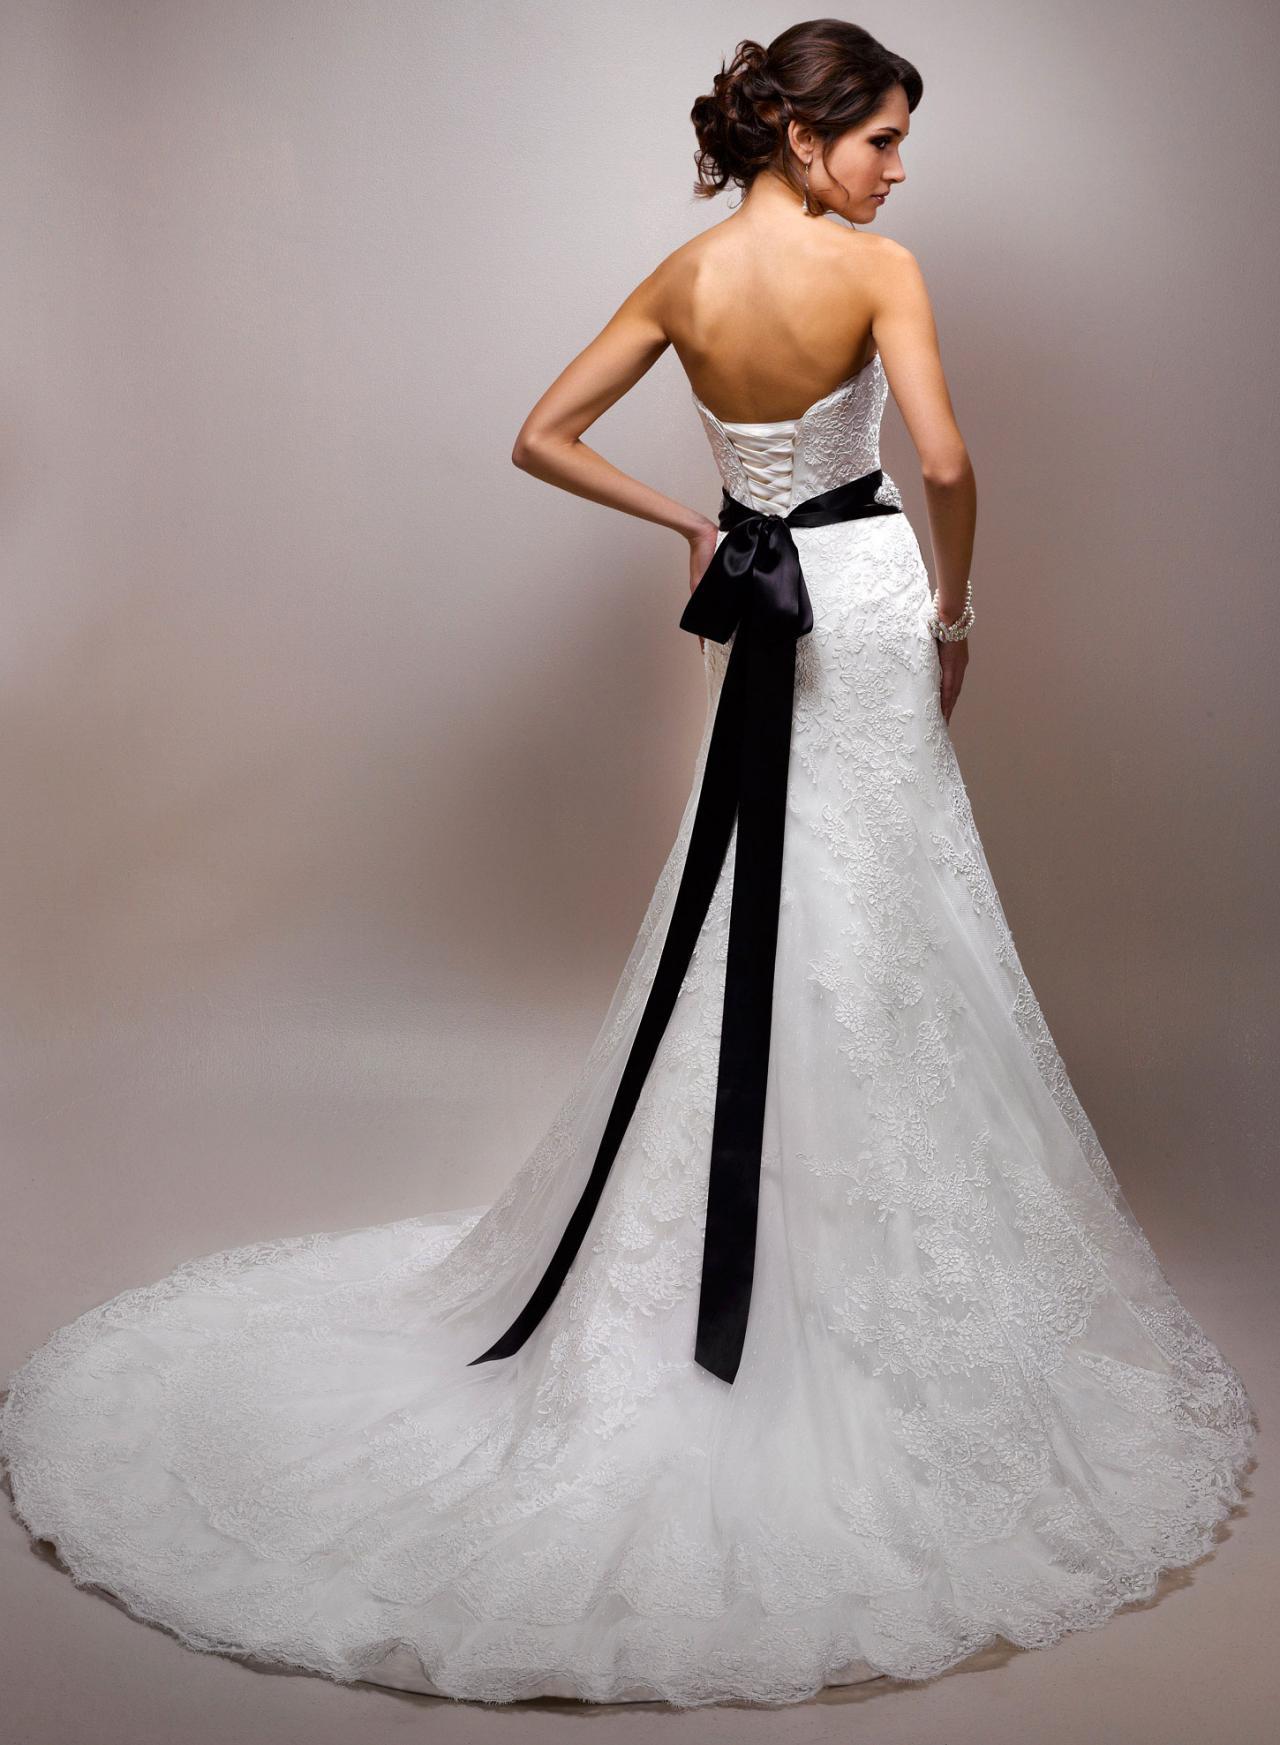 صور تفصيل فساتين زفاف , شرح تفصيل فساتين الزفاف الروعة